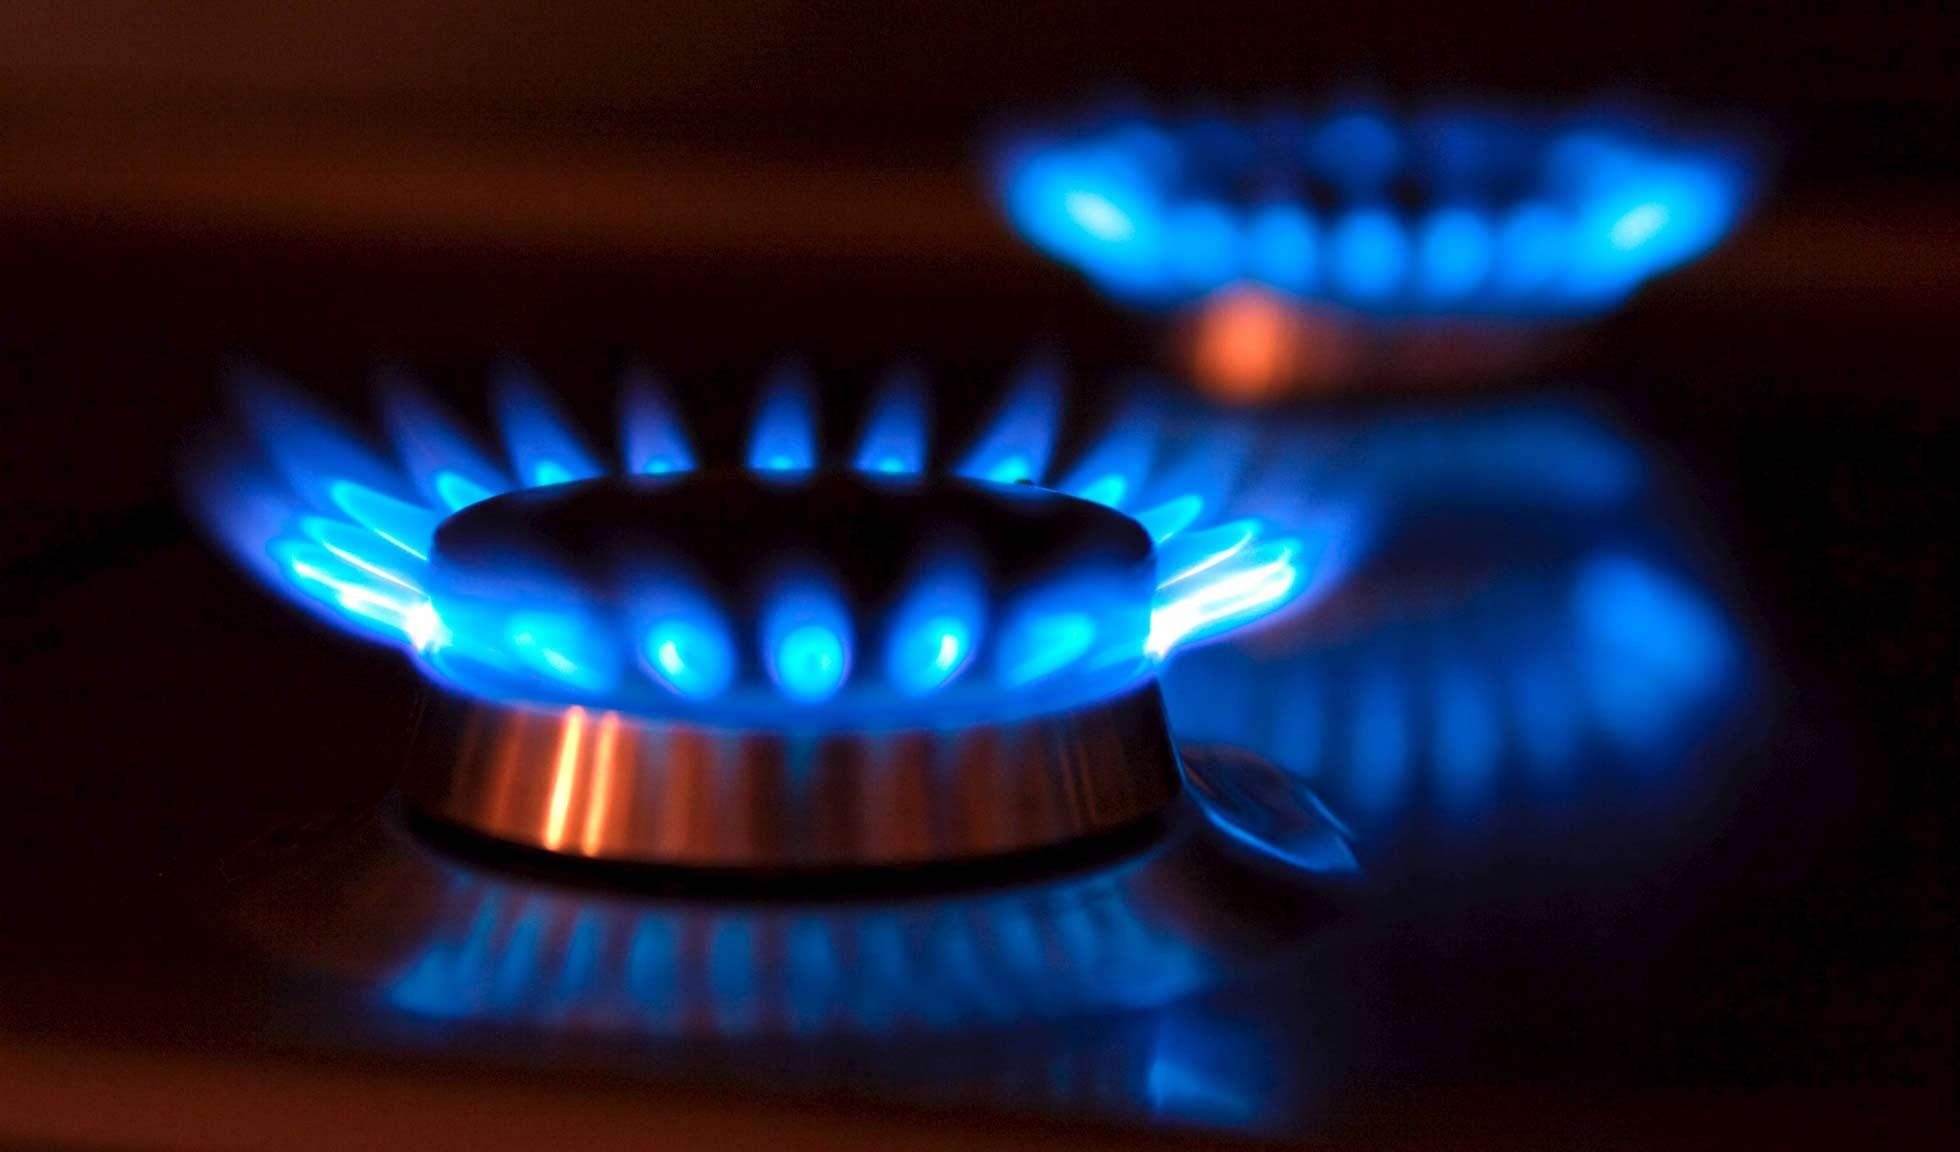 Ανιχνευτής διαρροής LPG (Προπανίου - βουτανίου) TecnogasΗ οικονομία και η ευκολία χρήσης.